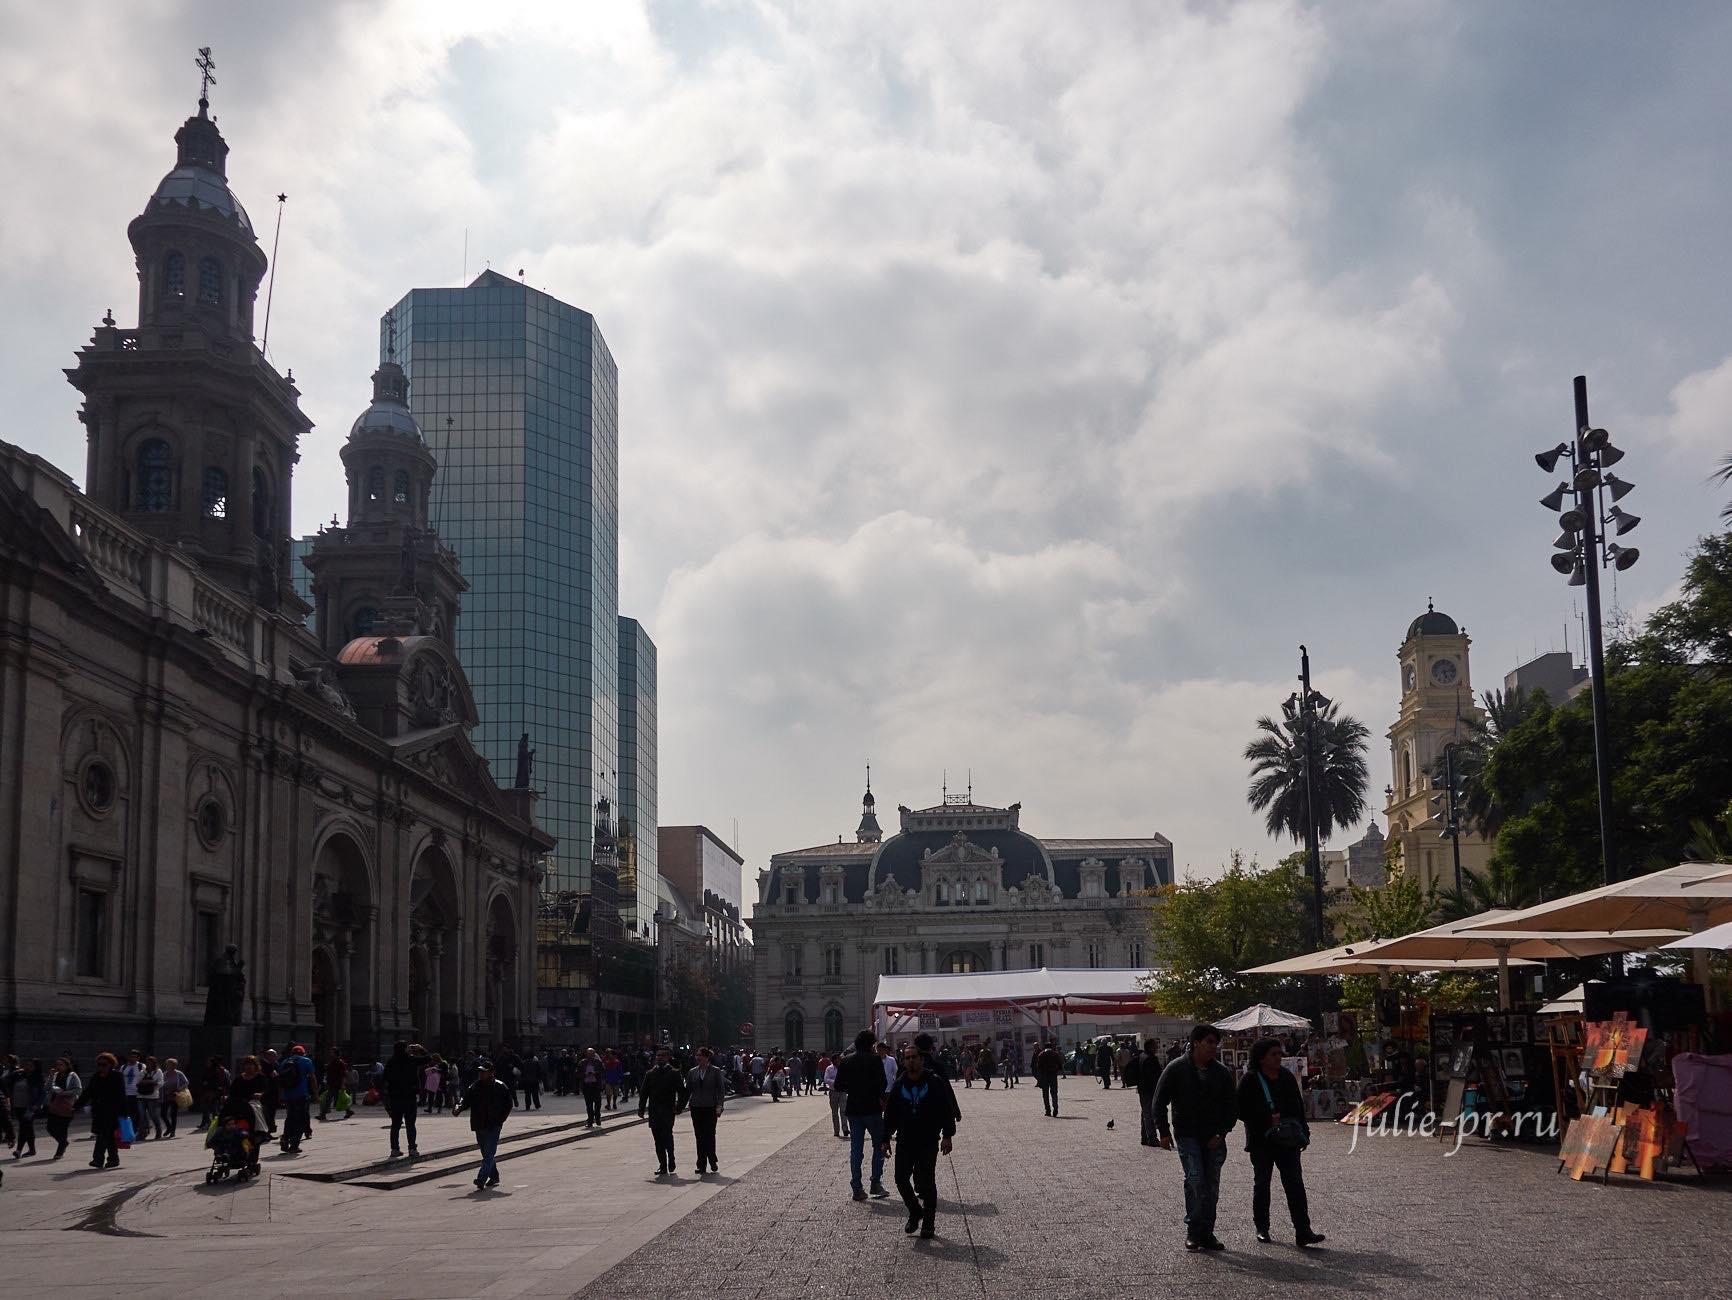 Чили, Сантьяго, Plaza de Armas